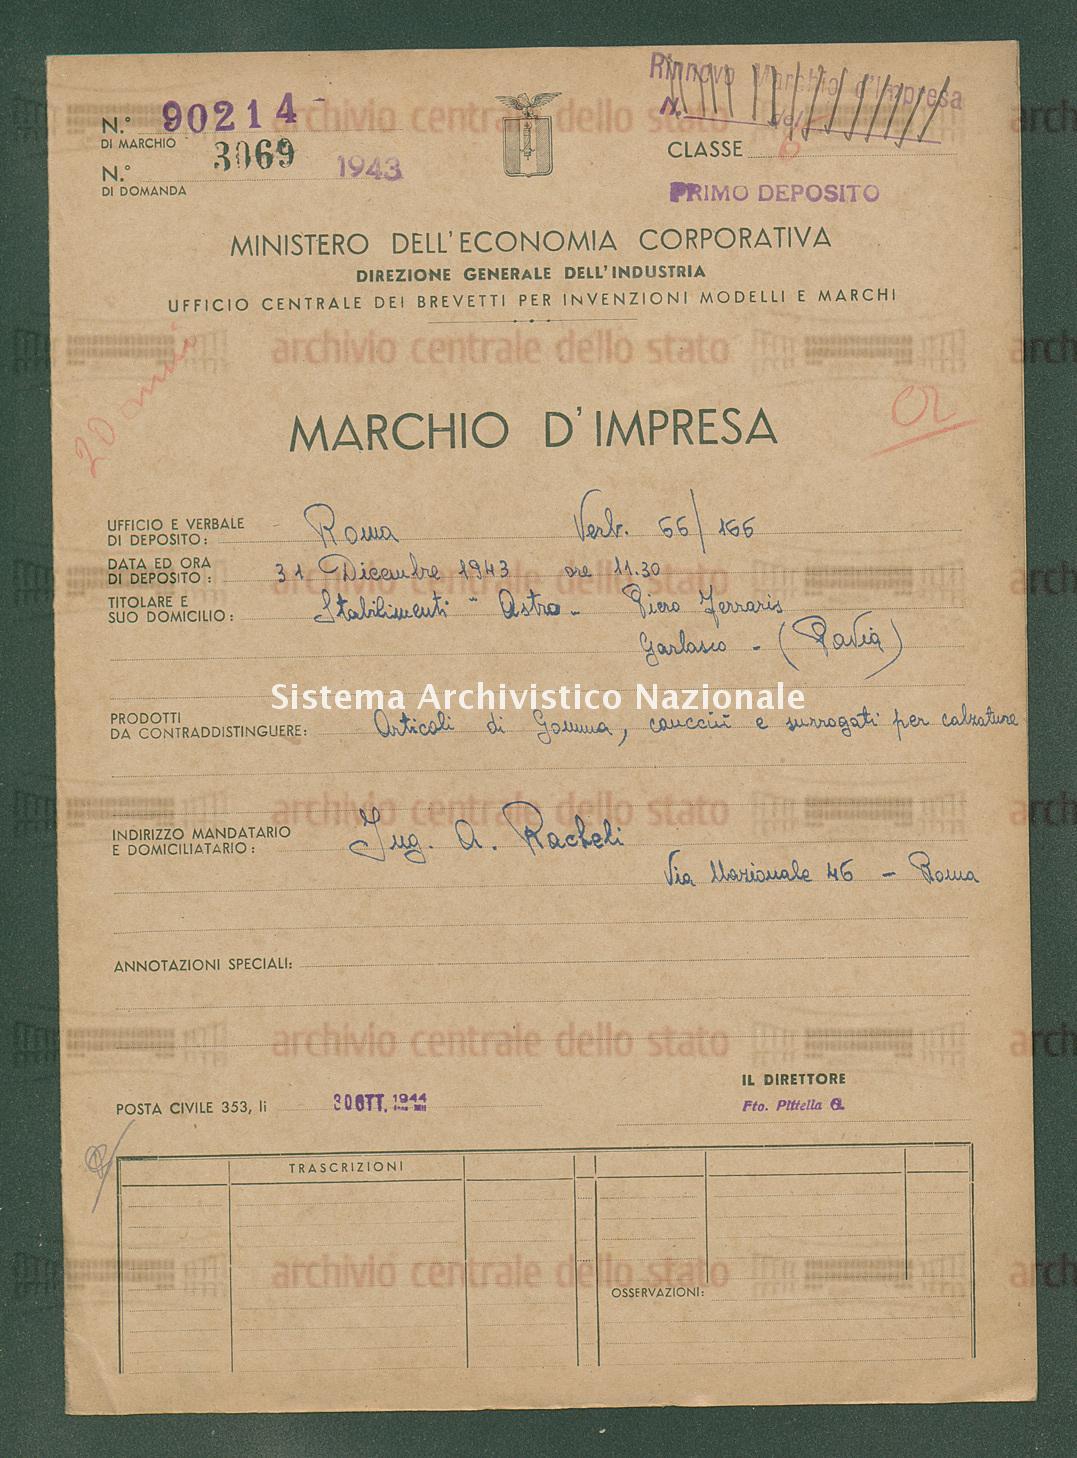 Articoli di gomma, caucciu ecc. Stabilimenti 'Astro' Piero Ferraris (30/10/1944)